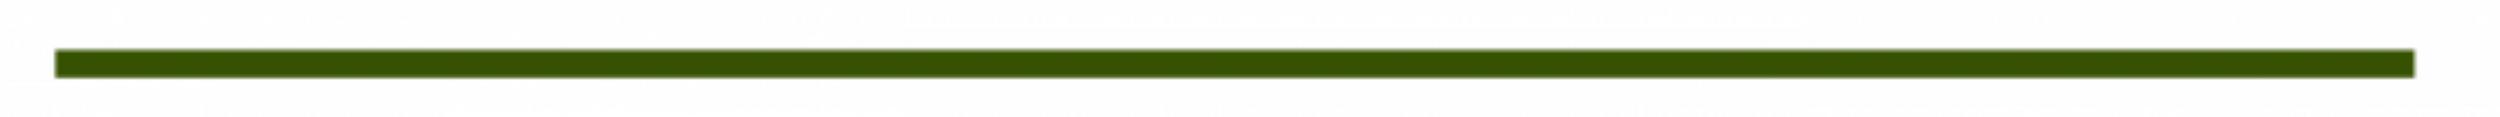 brigidsway-com-green-accent-bar-768x36.png